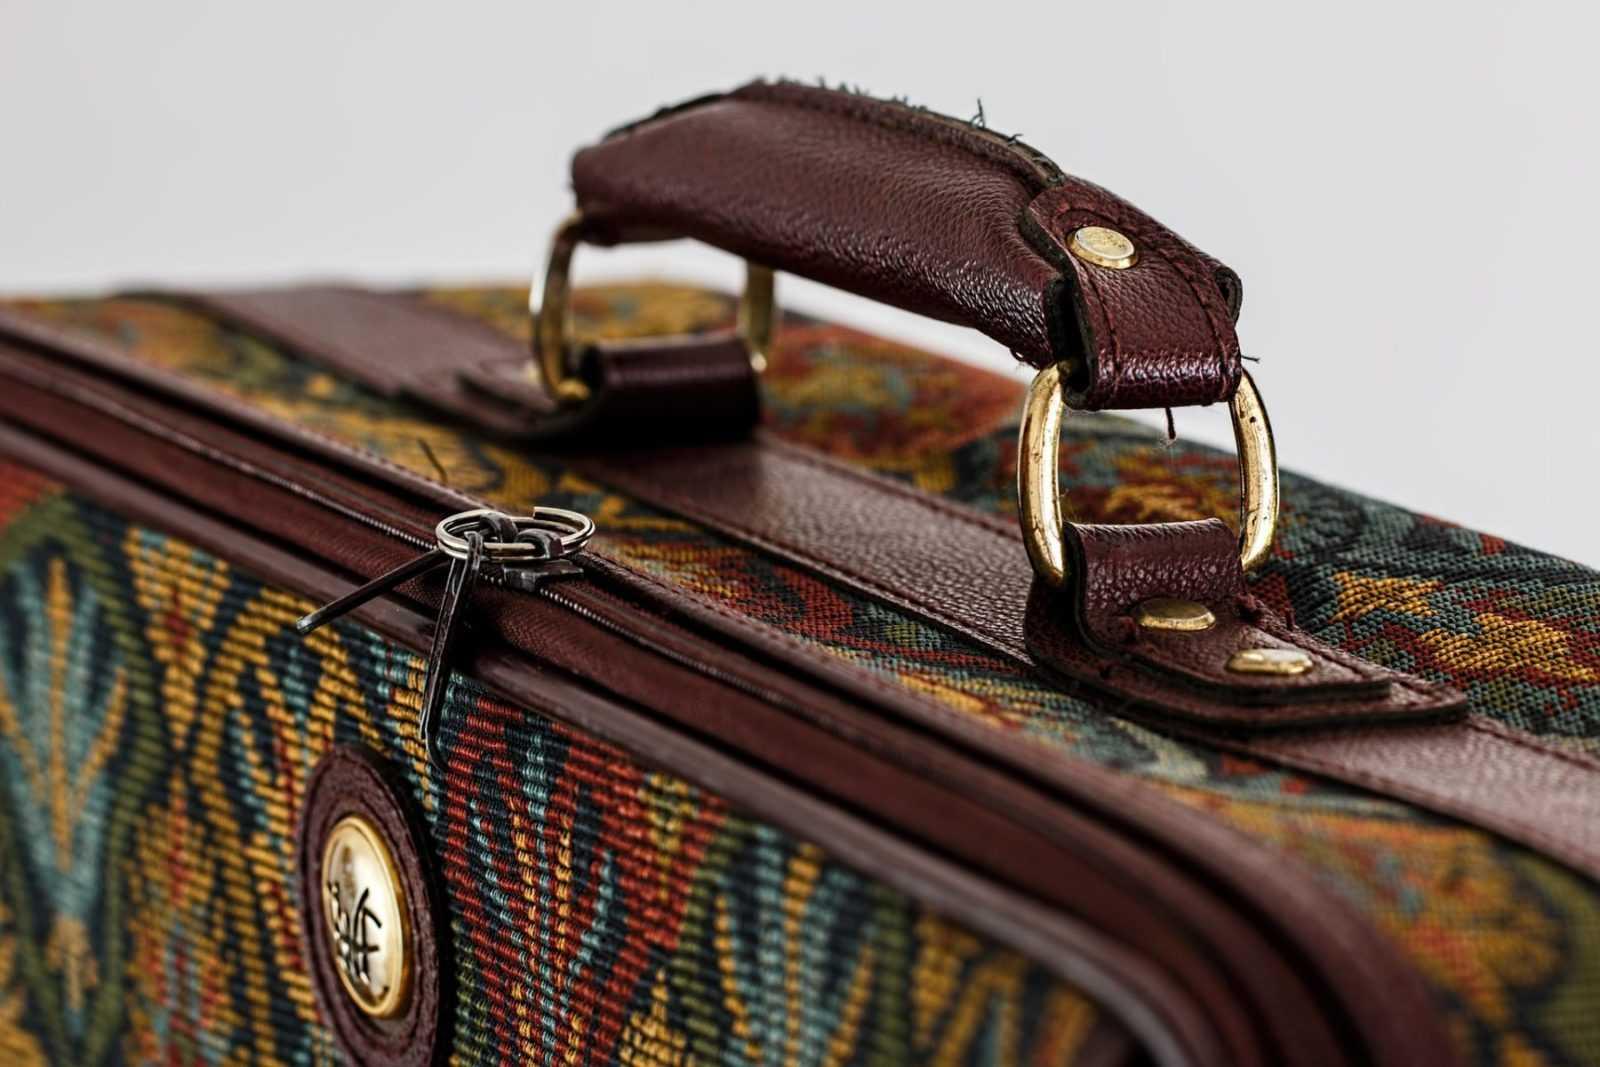 suitcase-patuvane